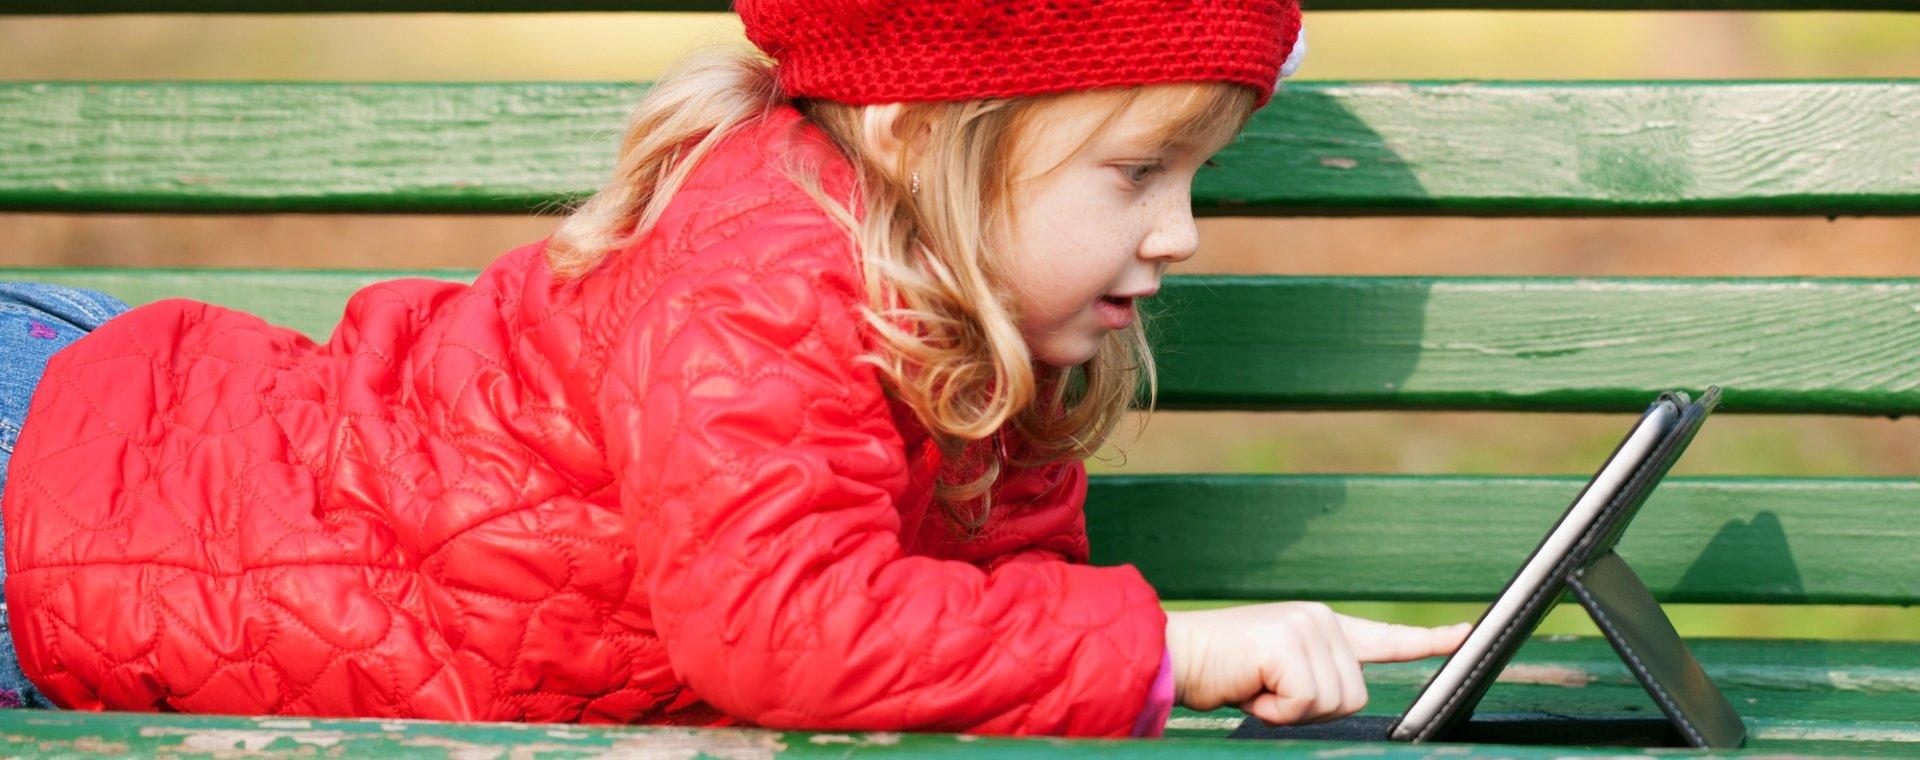 Kinder im Netz mit Verantwortung